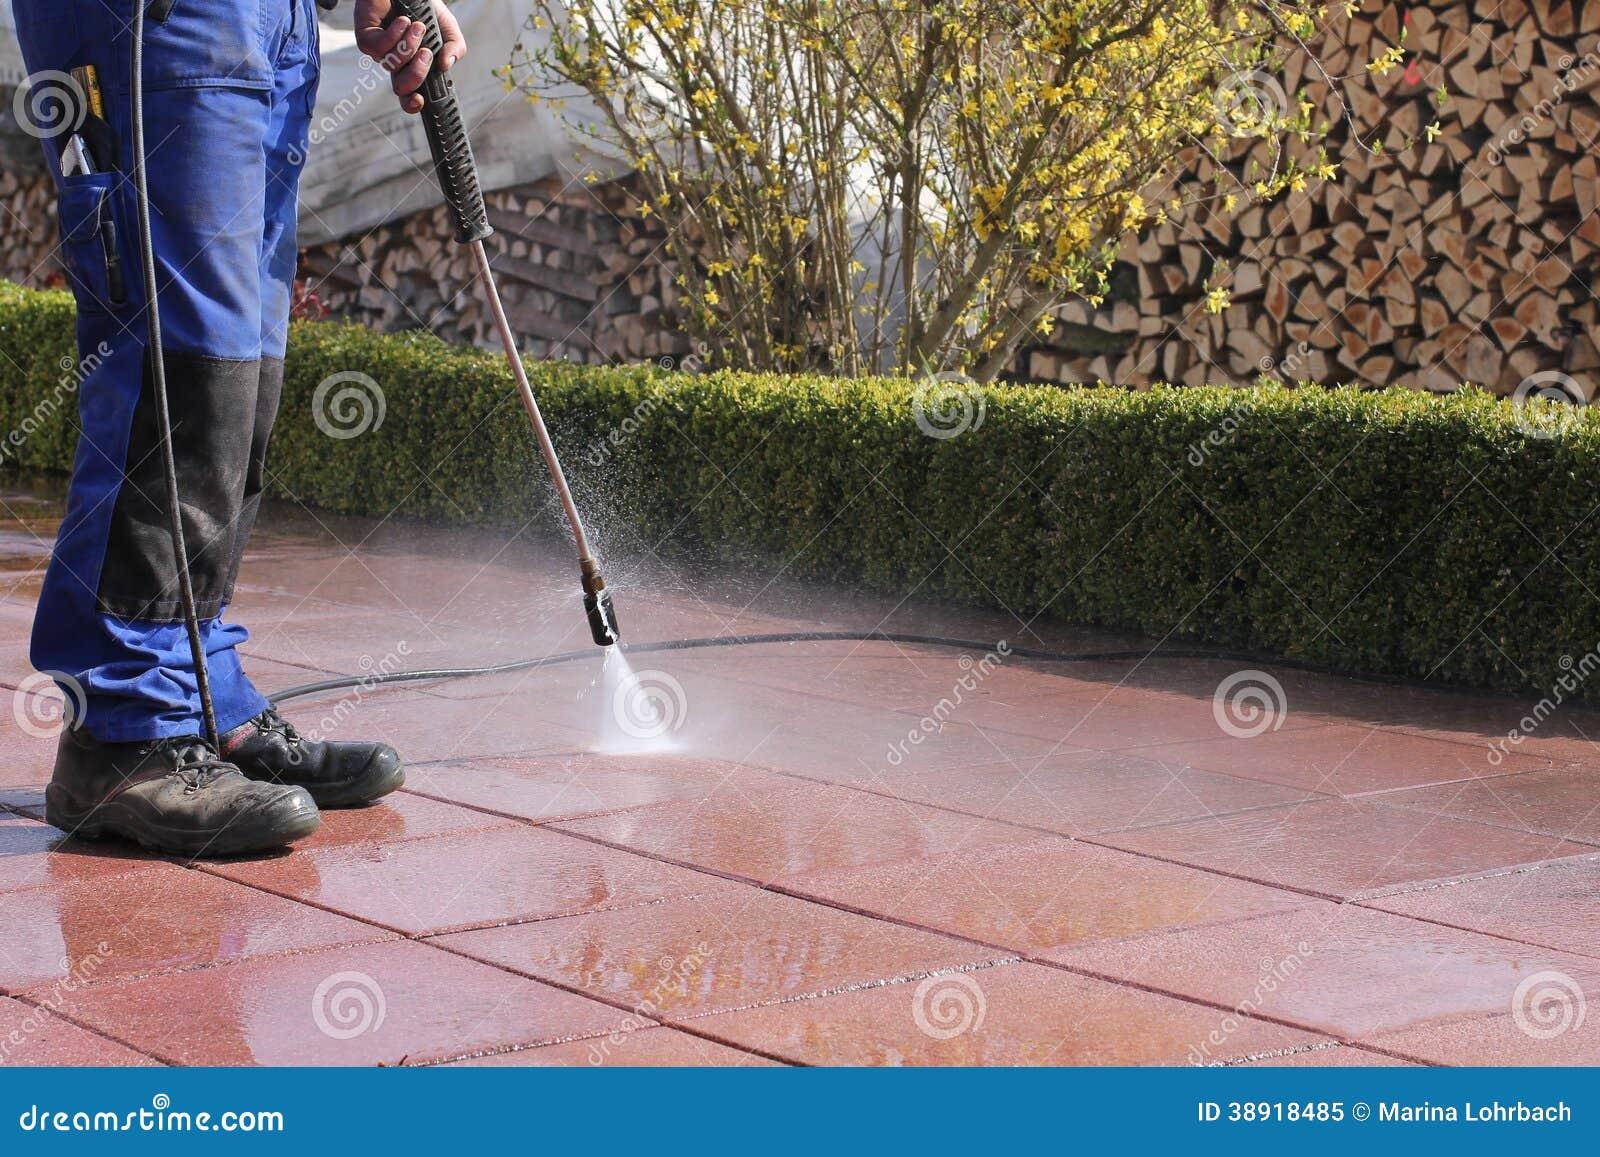 Terrassenreinigung mit Hochdruck